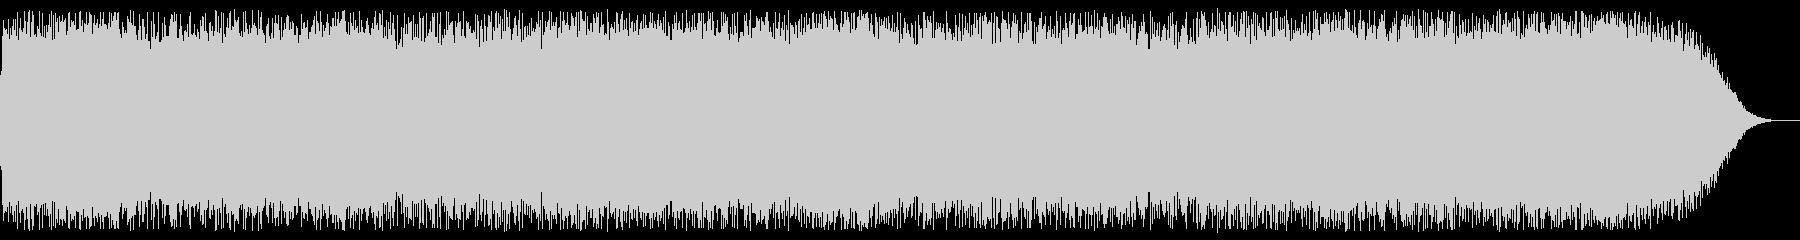 ファンタジー系ゲームボスバトル曲の未再生の波形